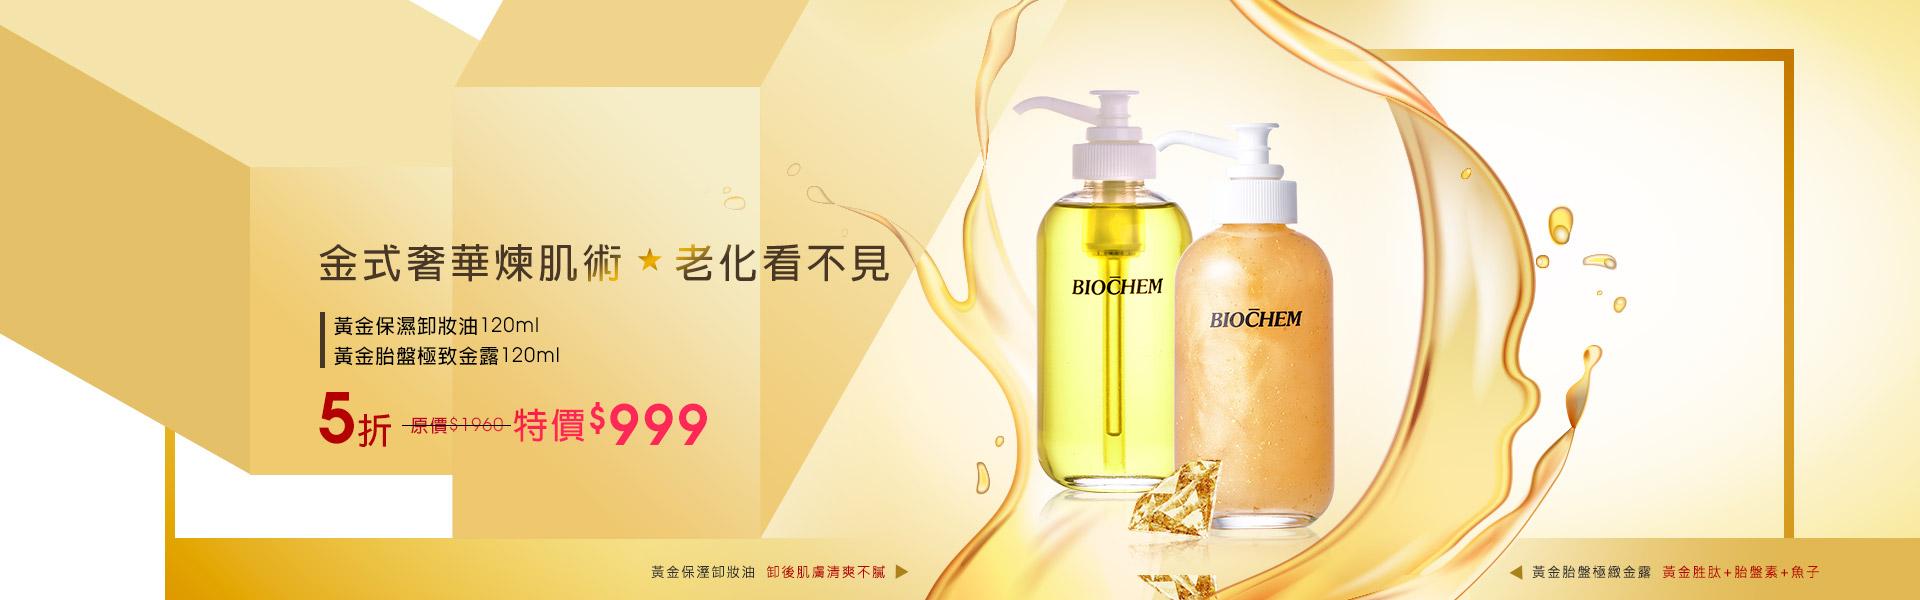 黃金保溼卸妝油 120ml+黃金胎盤極致金露120ml